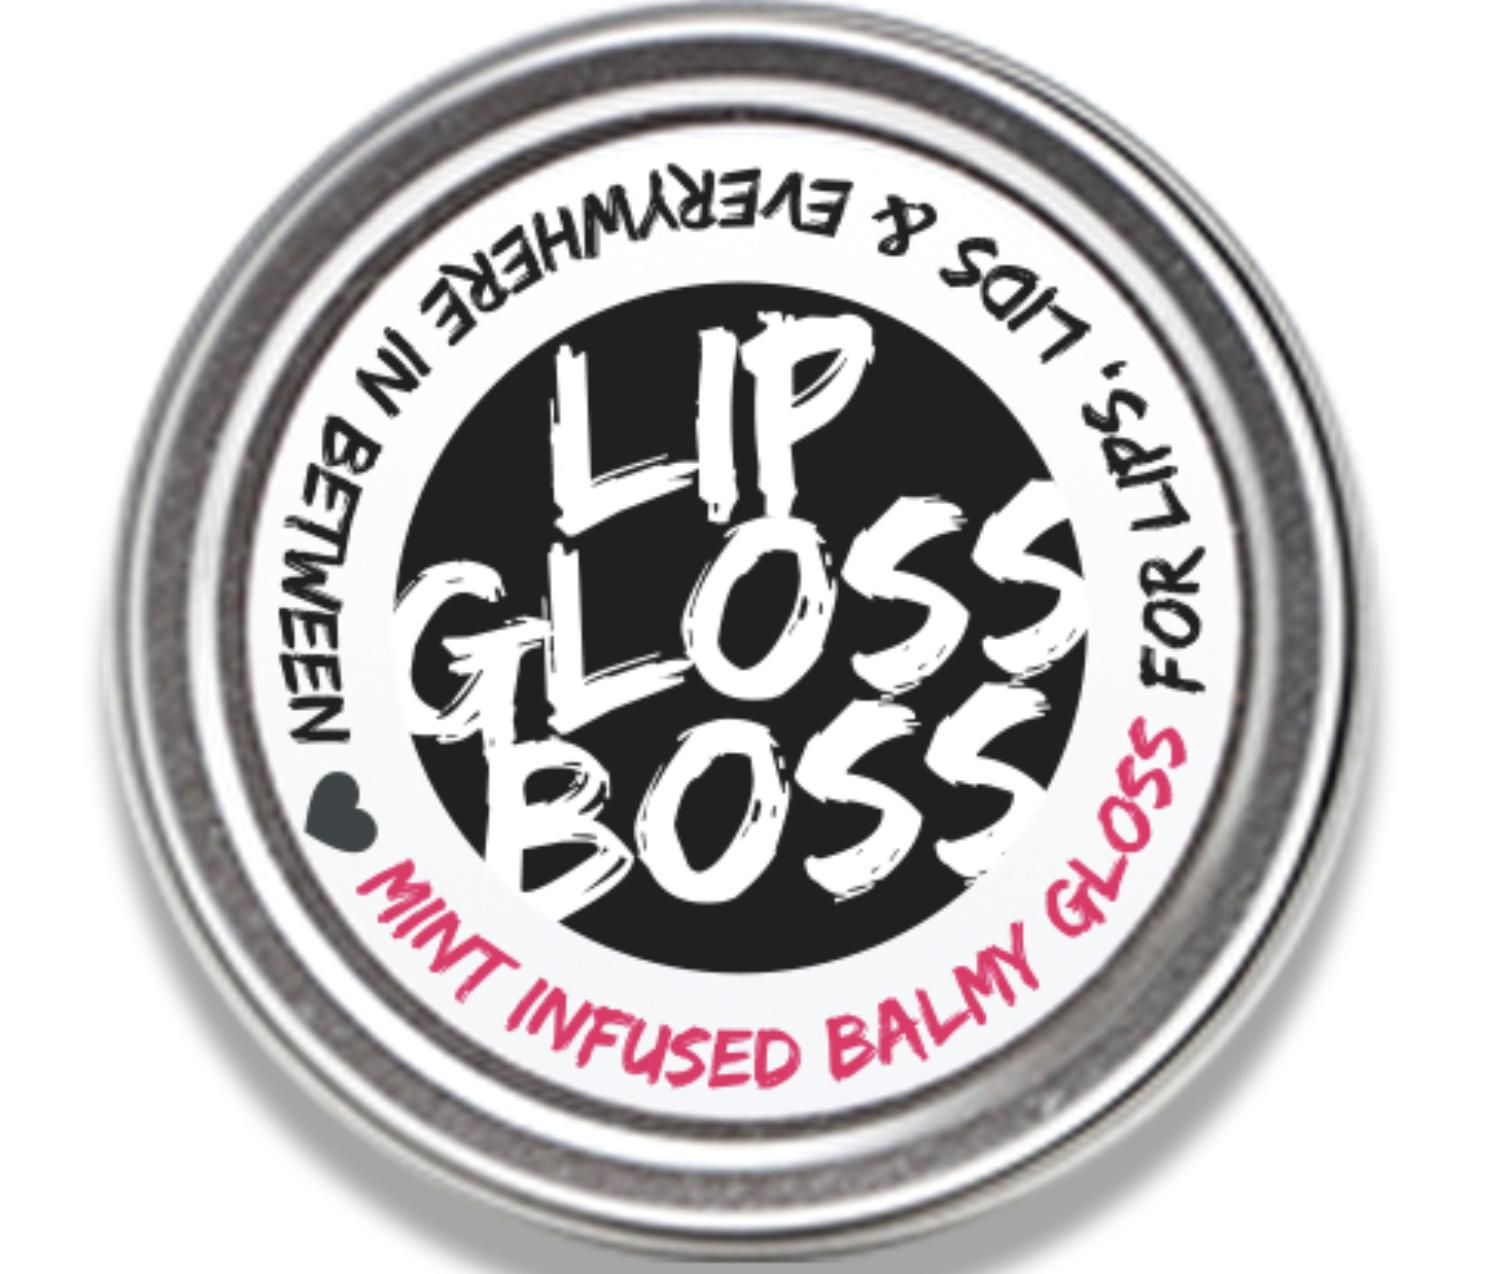 Lip Boss Gloss Balmy Gloss